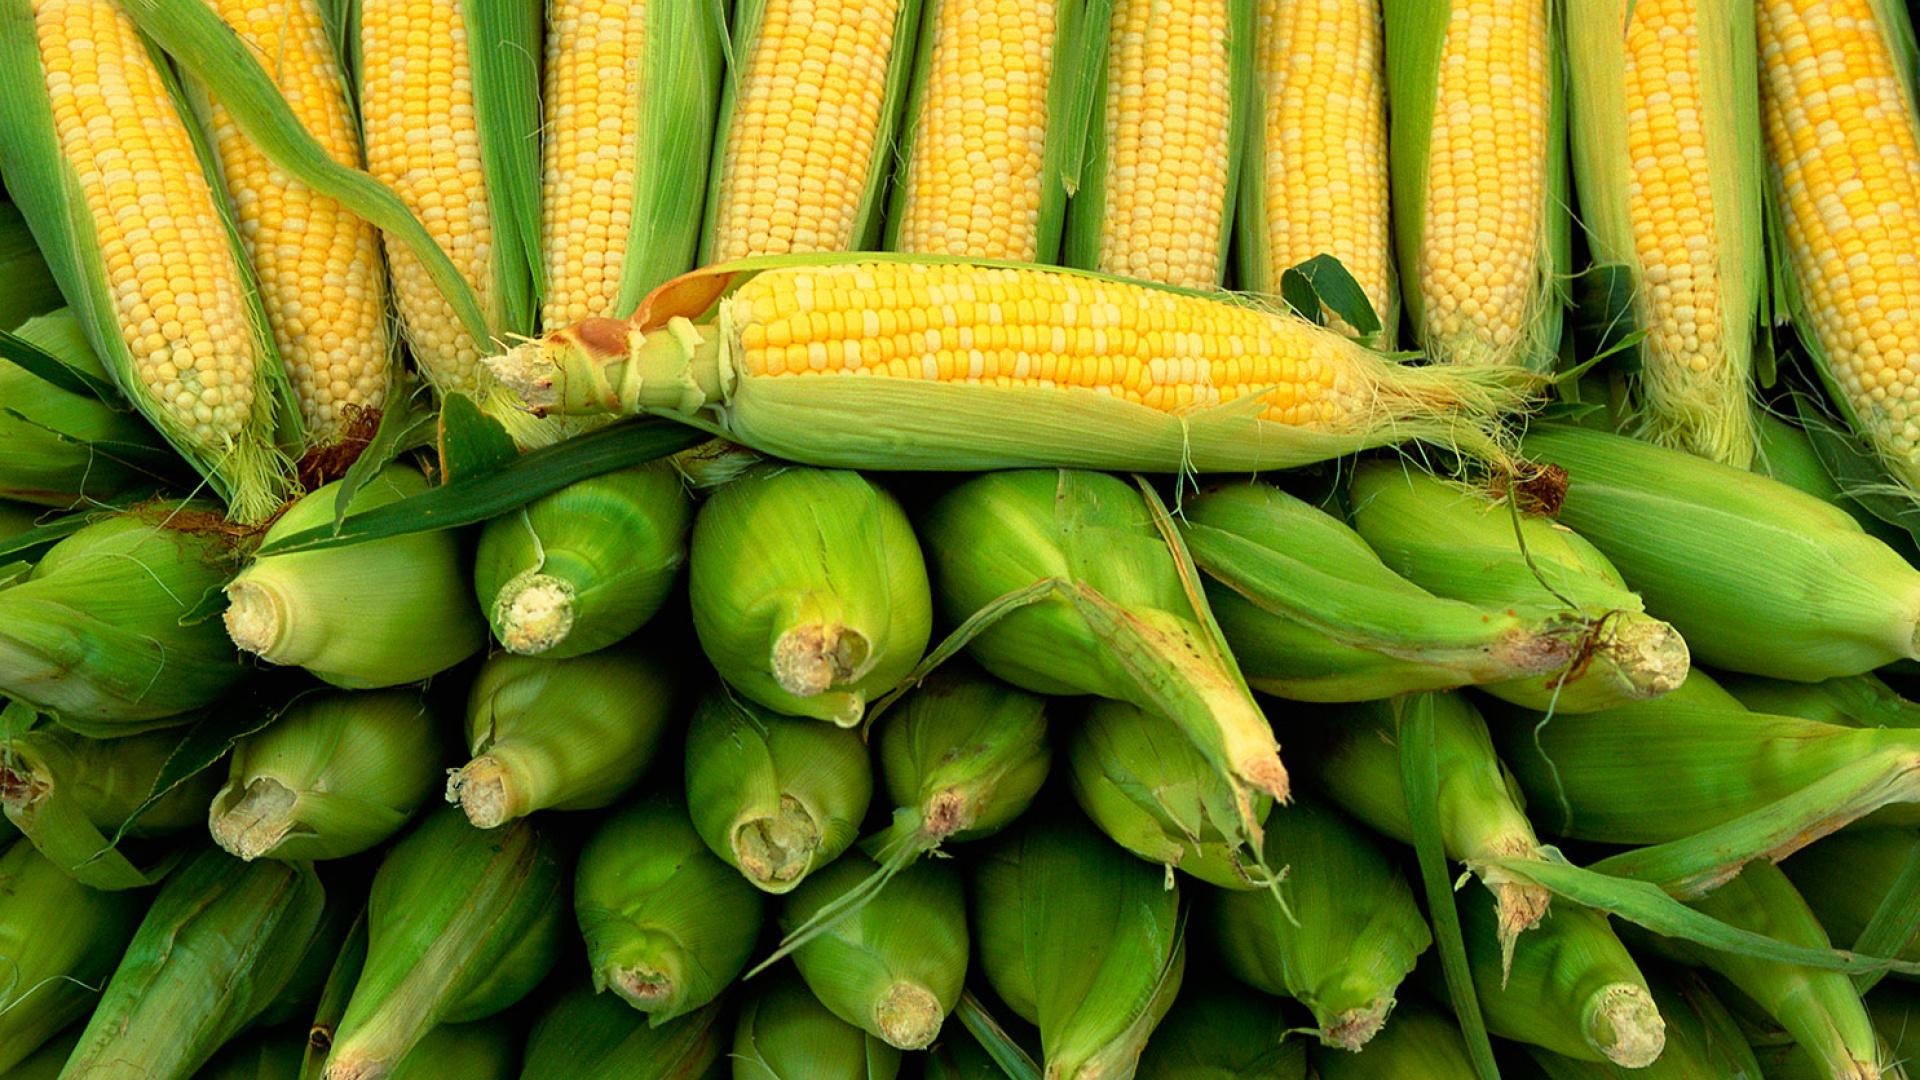 Tom Hunt tells us how to eat corn